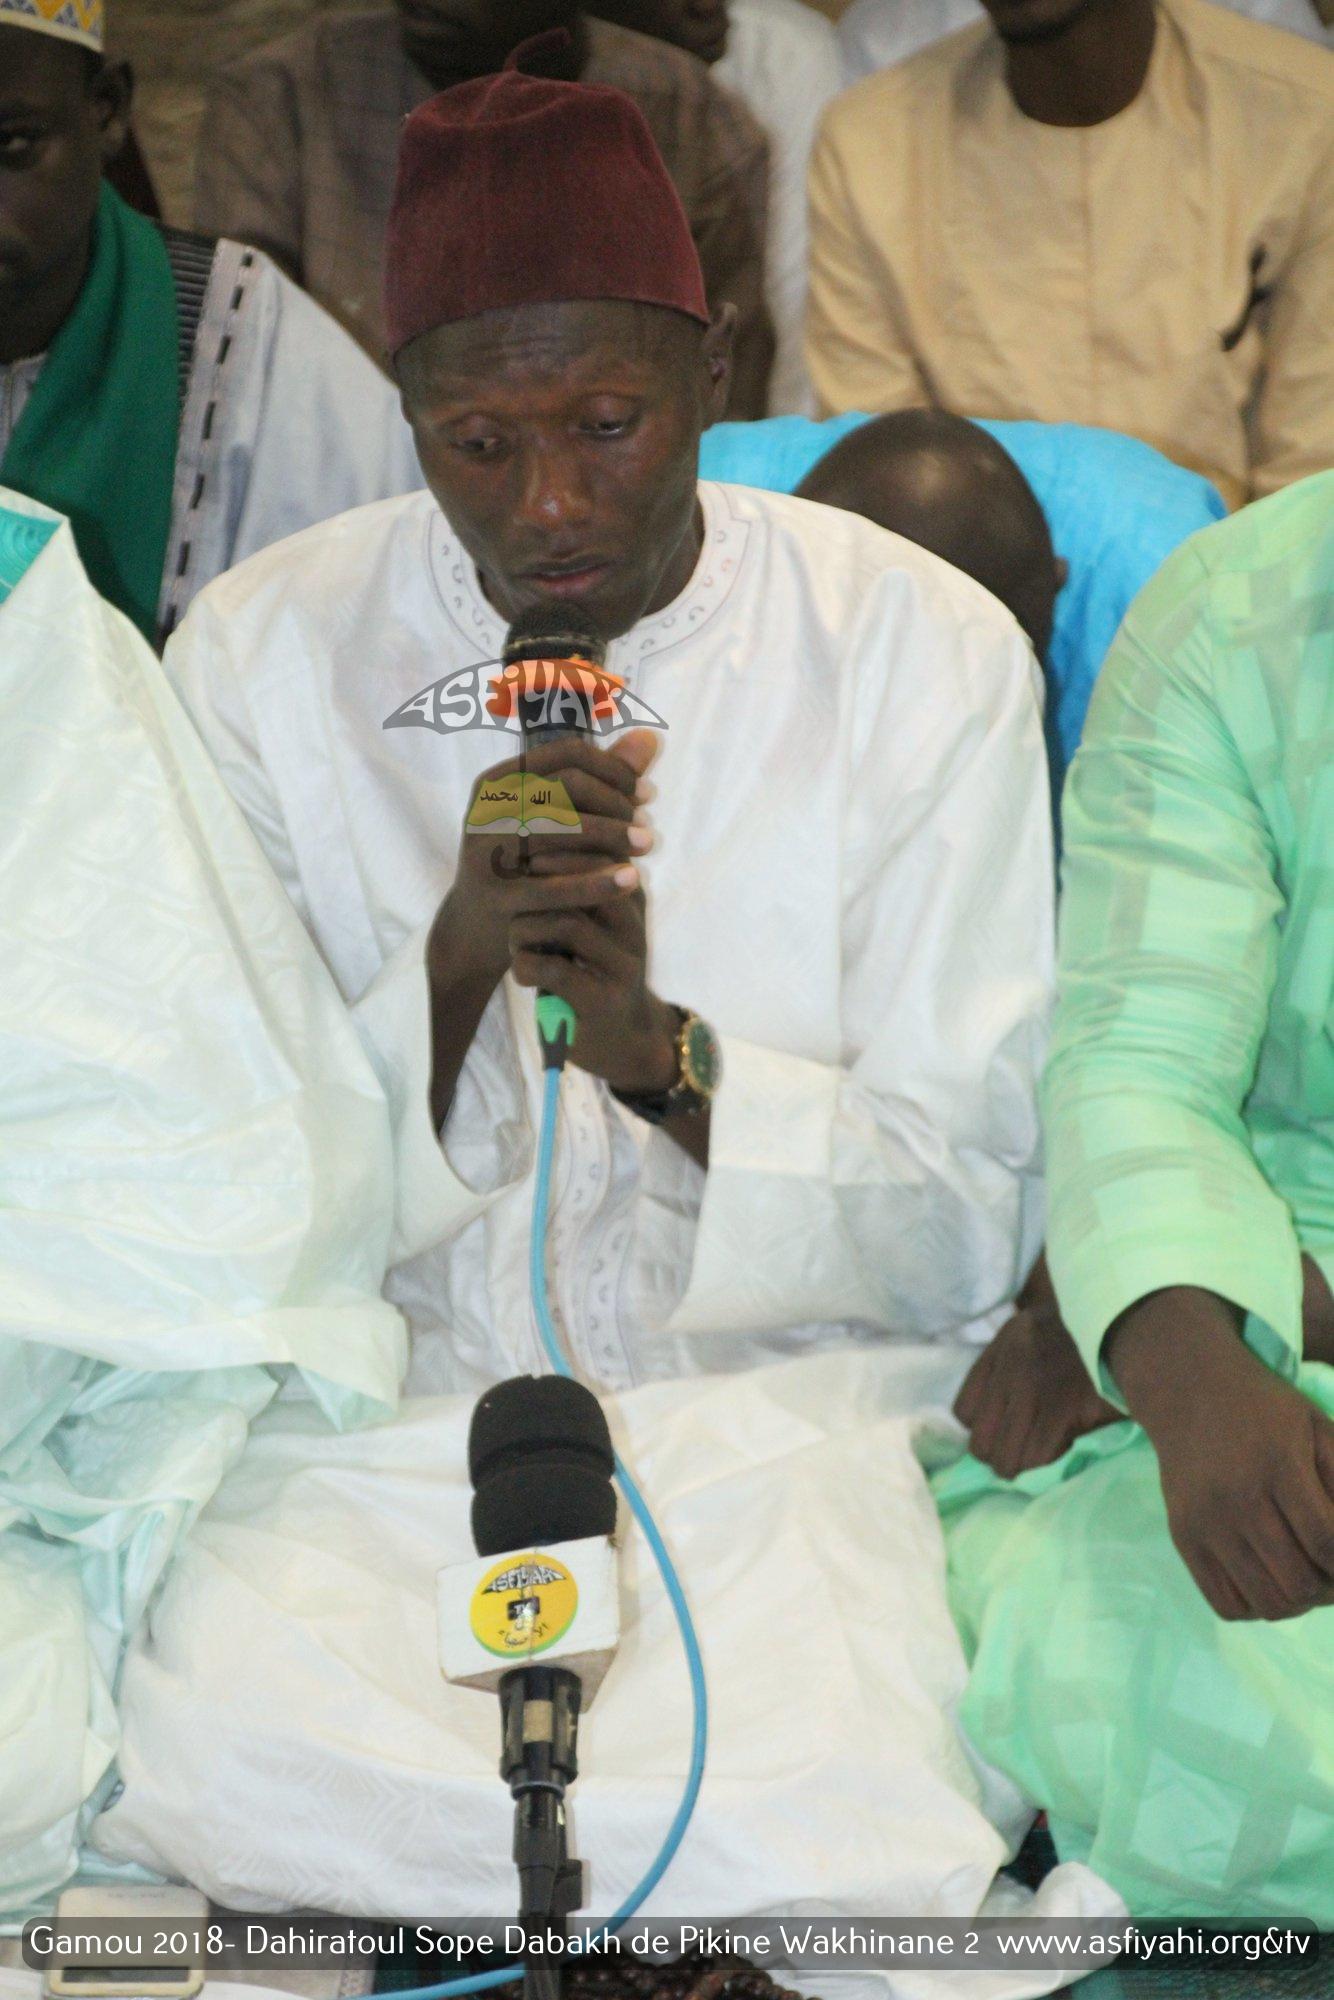 PHOTOS - Les Images du Gamou 2018 du Dahiratoul Sope Dabakh de Pikine Wakhinane 2